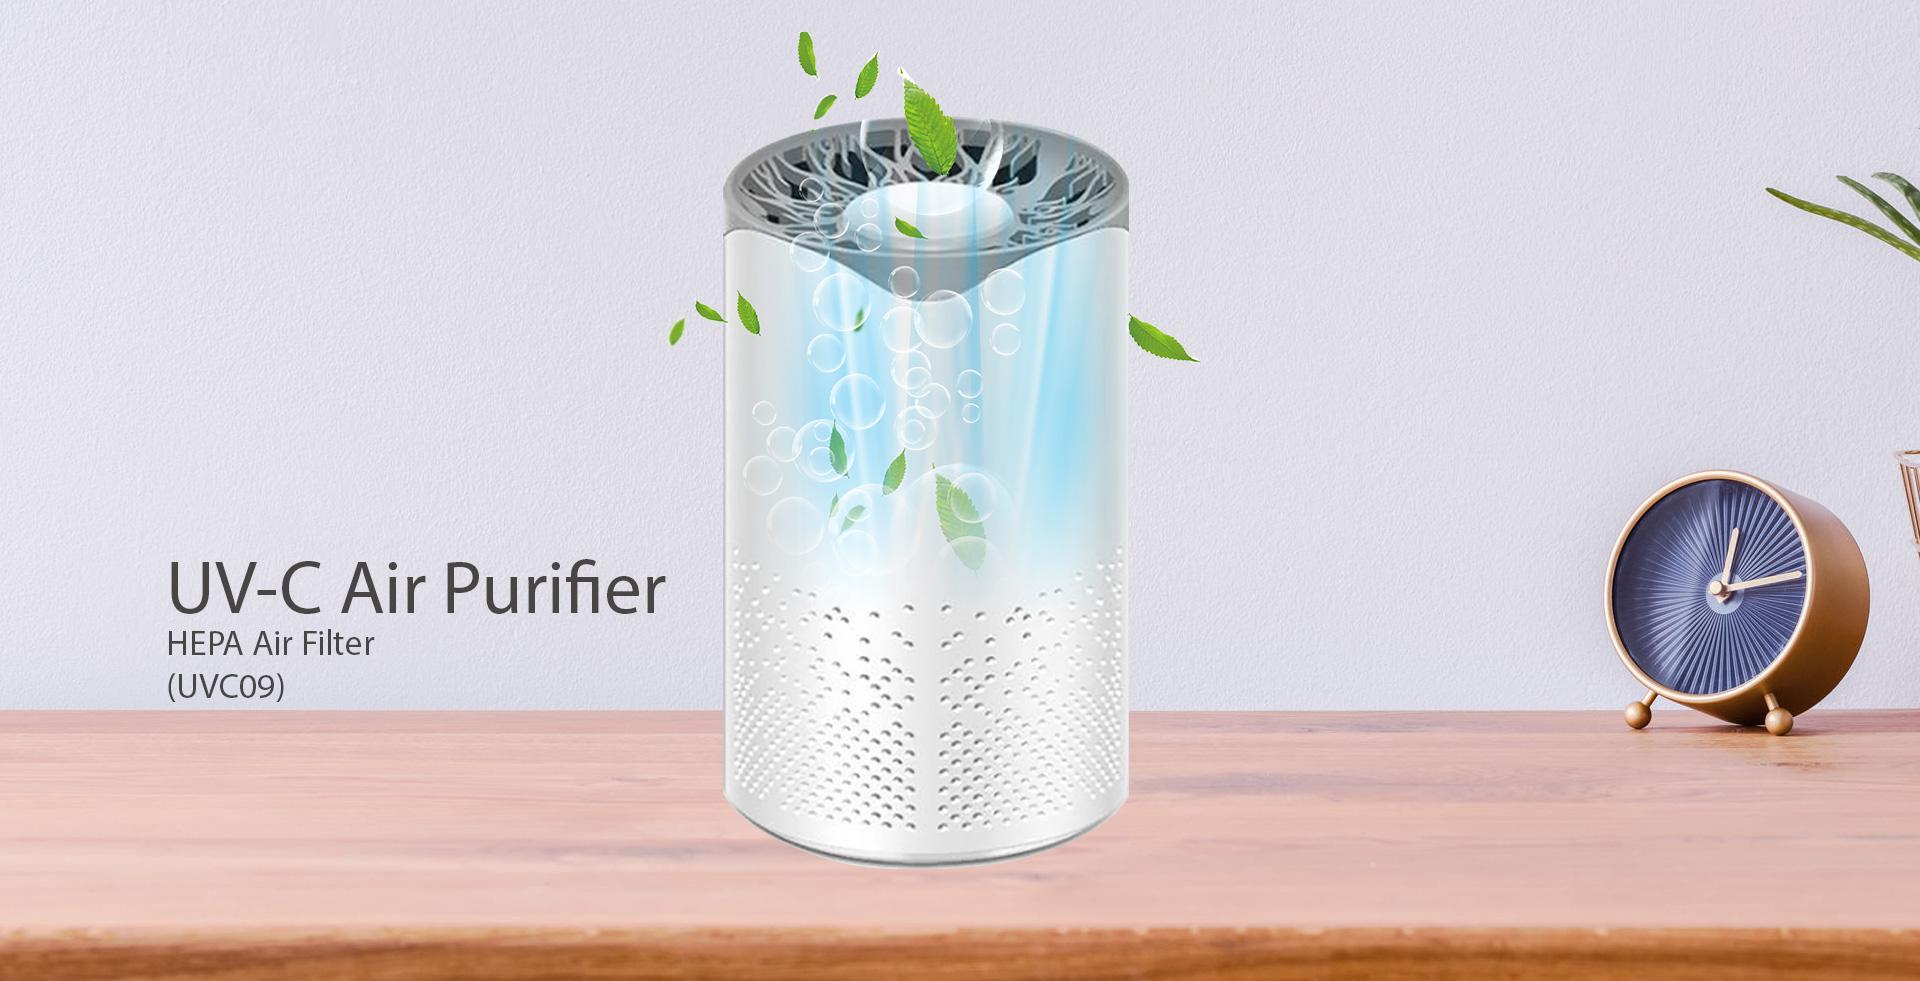 UVC Air Purifier HEPA filter